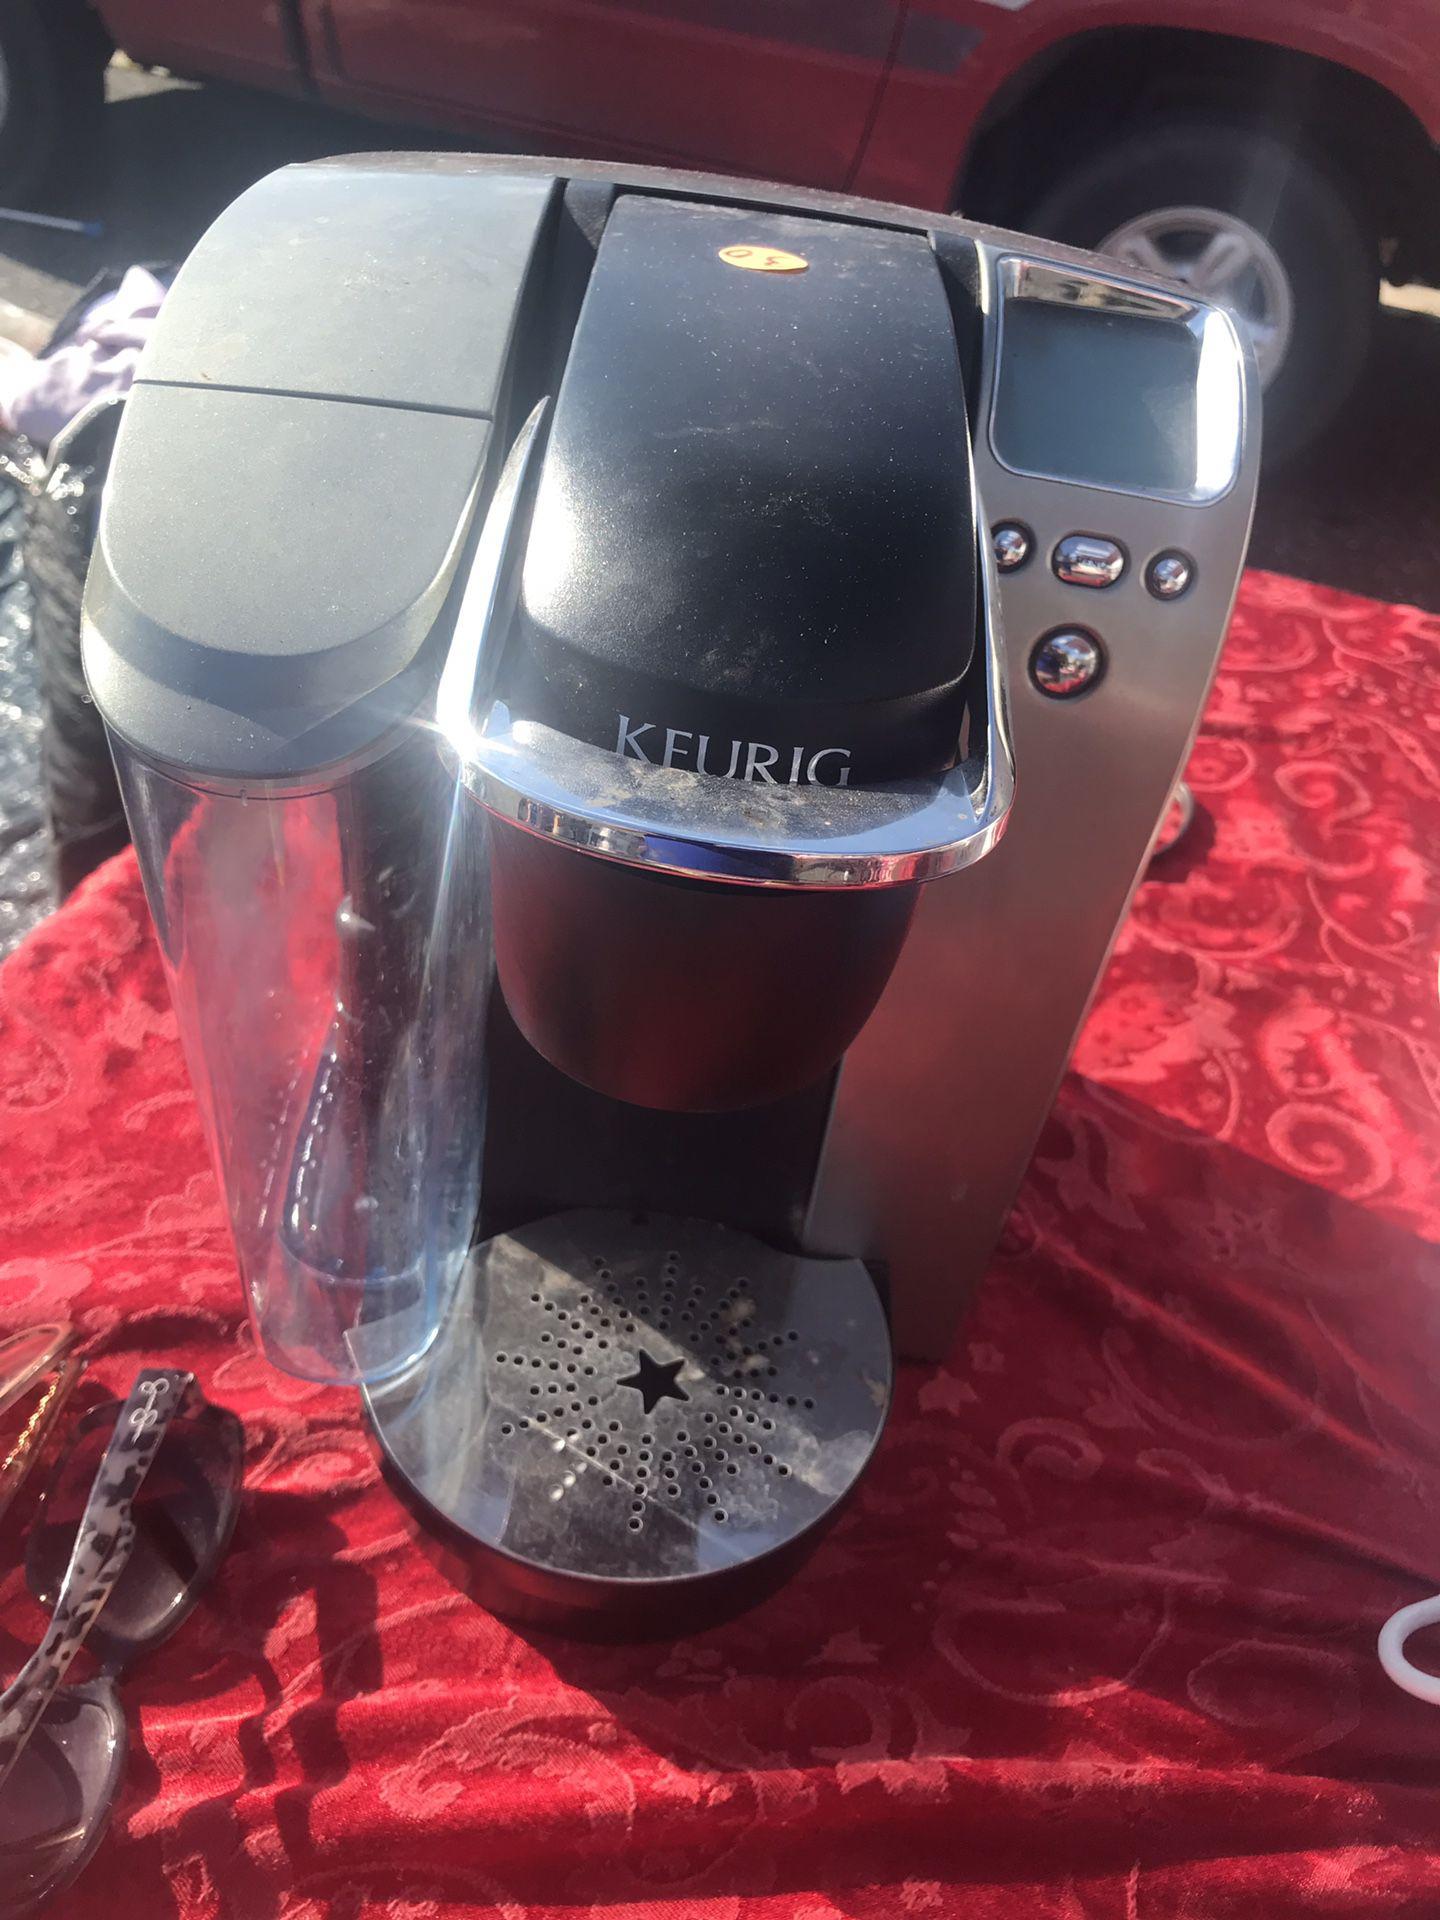 Keuric coffee maker